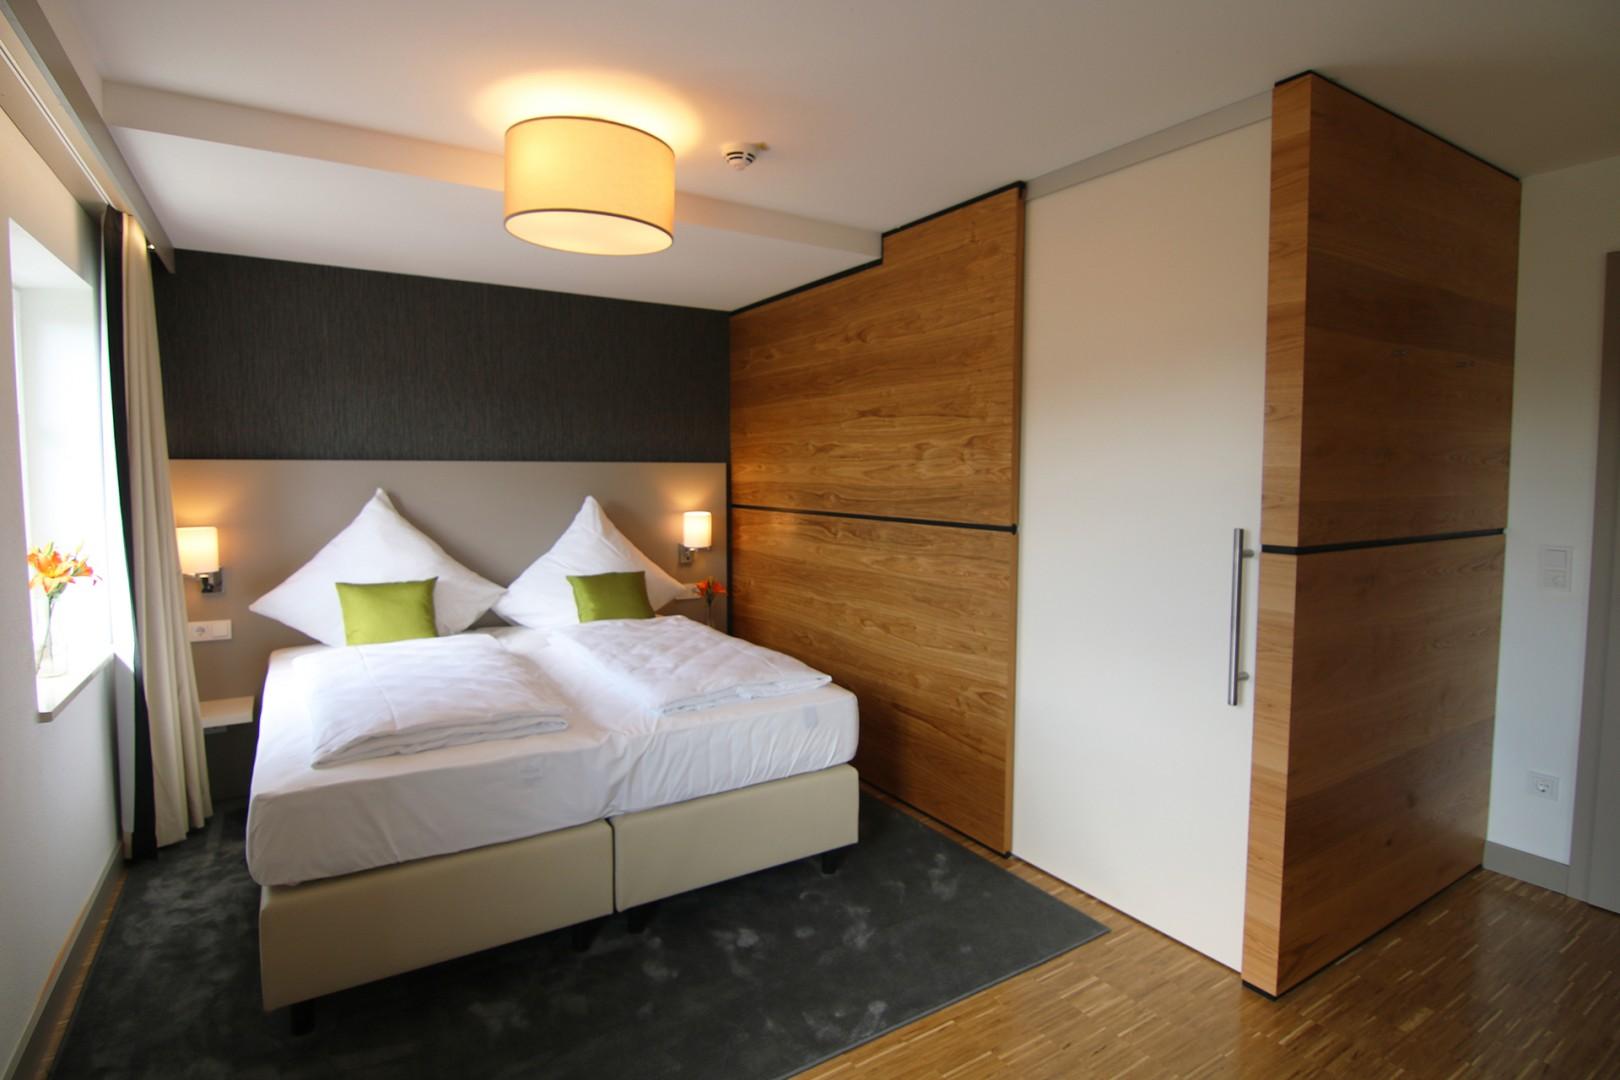 Möbelmanufaktur Wagner ba hotel babenhausen modern design hotel with cheap rooms